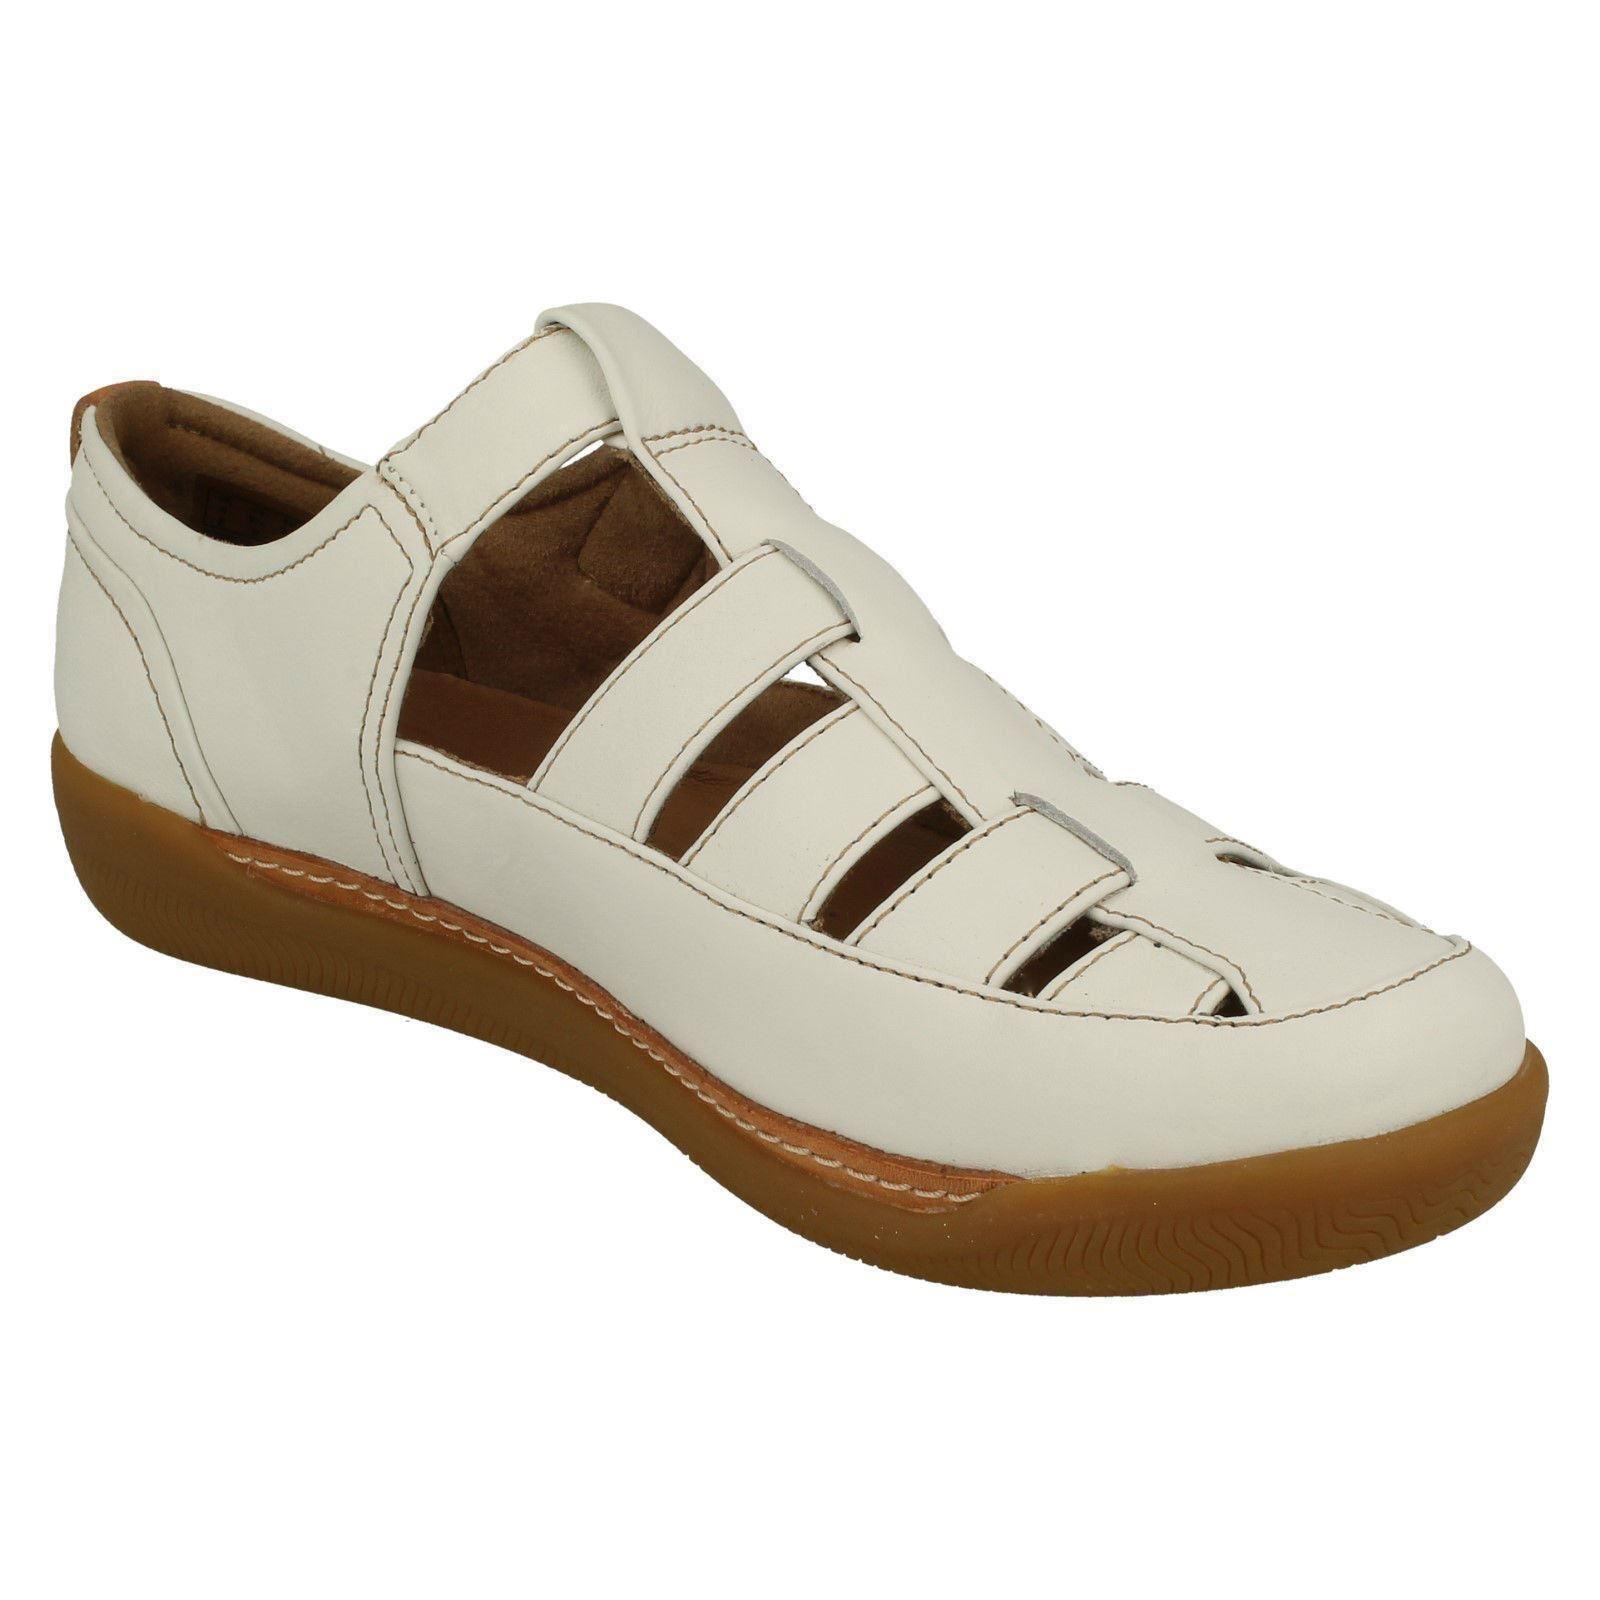 Ladies Clarks Unstructured Casual Shoes /'Un Haven Cove/'